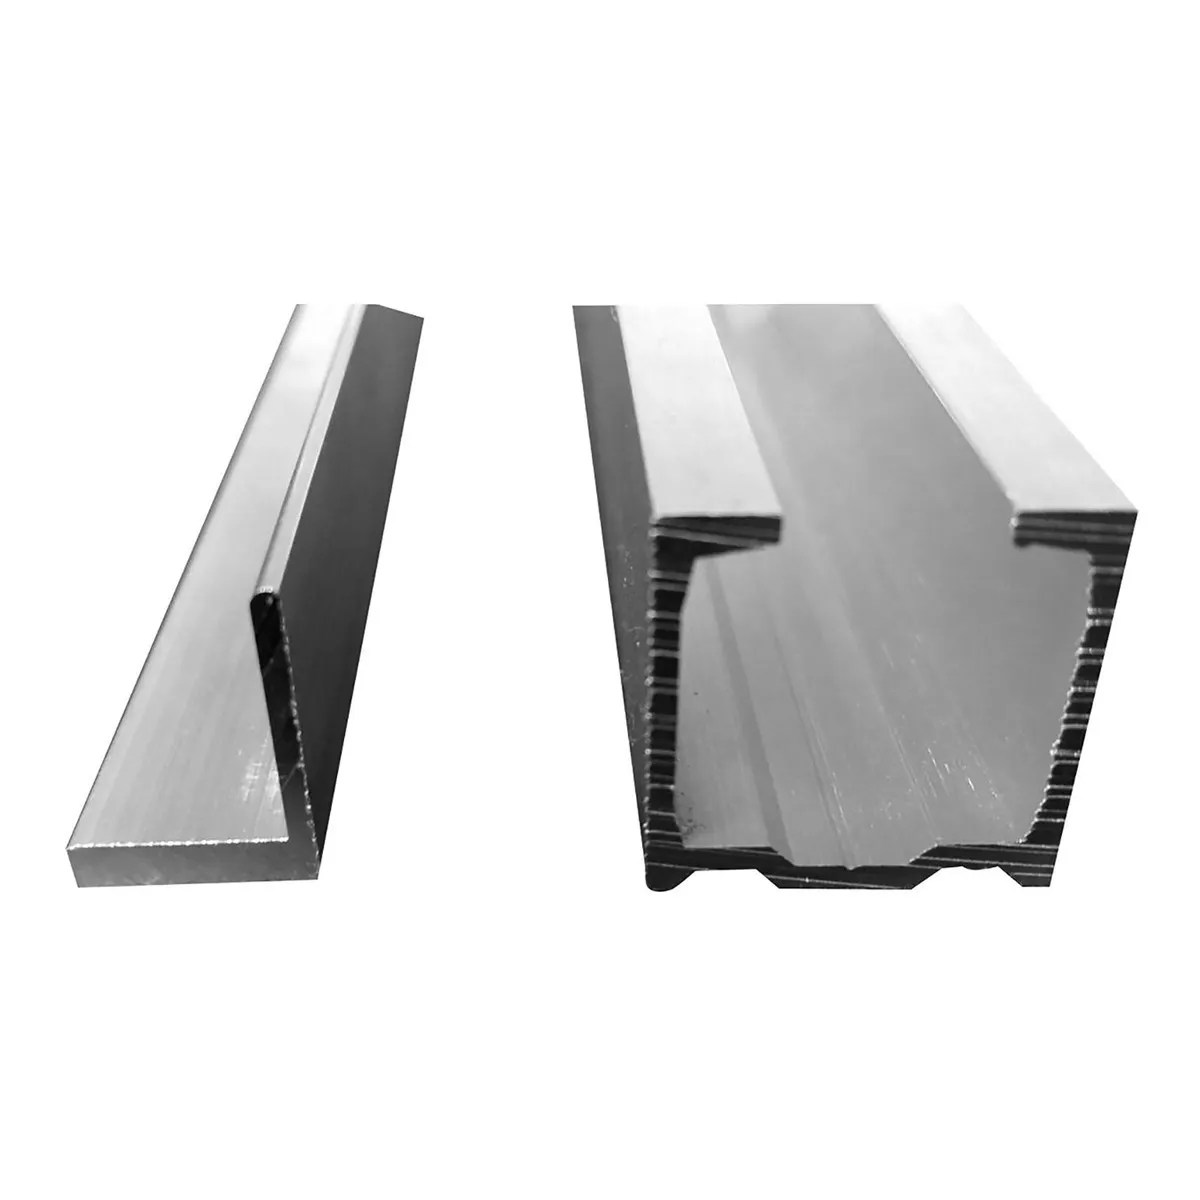 Da bricoman trovi prodotti tecnici professionali per la casa e la collettivitàcontrappeso 40x3 mm 210 cm in alluminio. Binari Abbinati Per Guarnitura Ante A Libro 20 Kg Bricoman